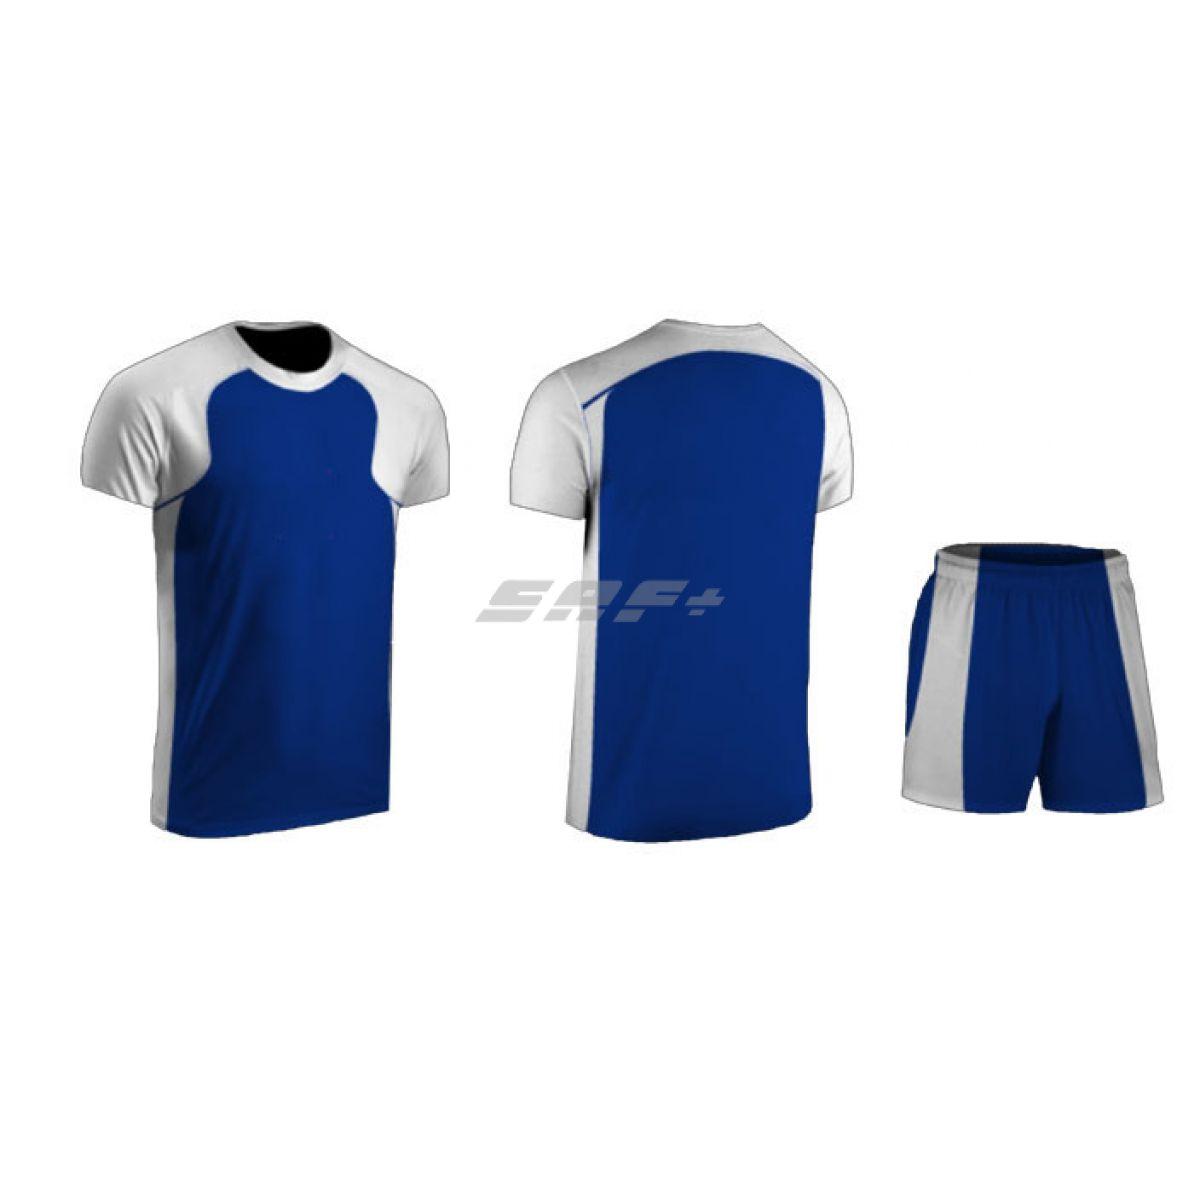 S.A.F. - комфортная футбольная форма по оригинальному дизайну на заказ 7b1c534094b